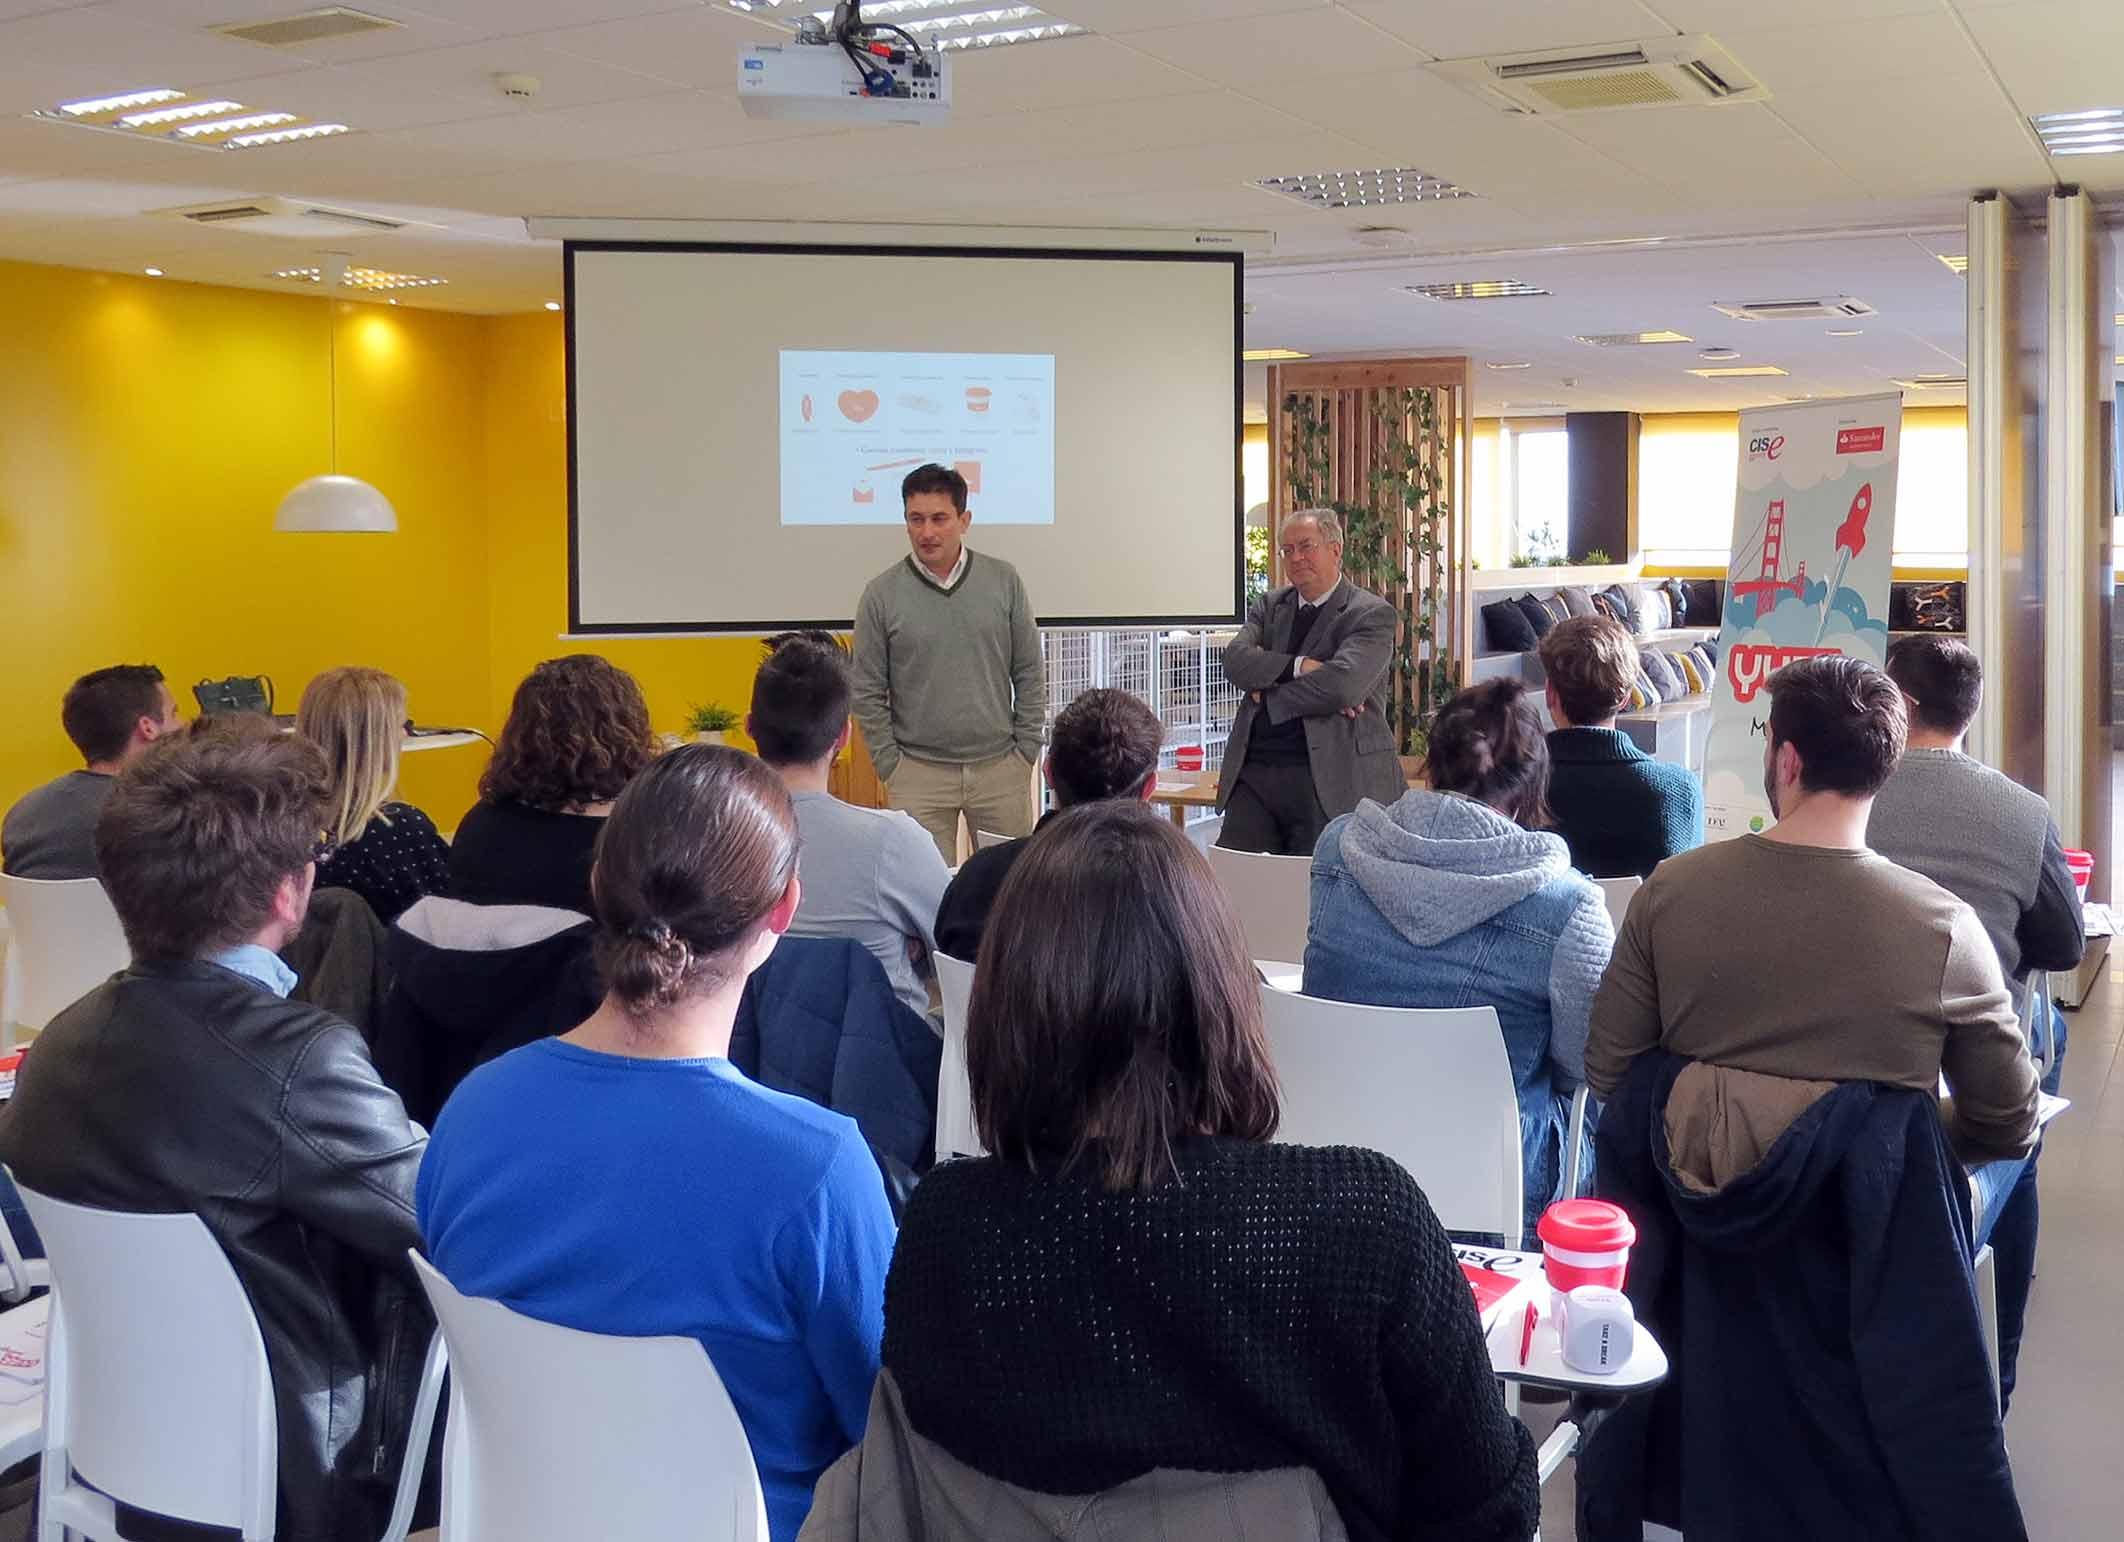 Comienza Santander Yuzz 2017 con 20 nuevos proyectos emprendedores en Málaga